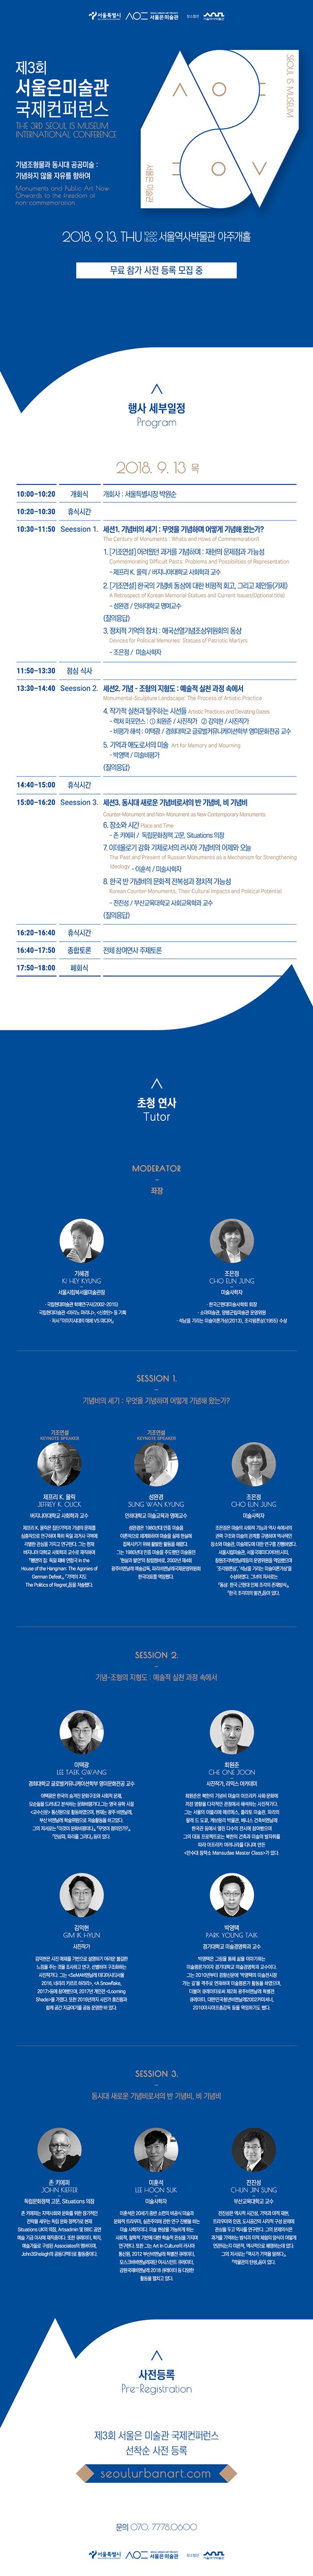 제3회-서울은-미술관-국제컨퍼런스_웹플라이어(수정3-700).png